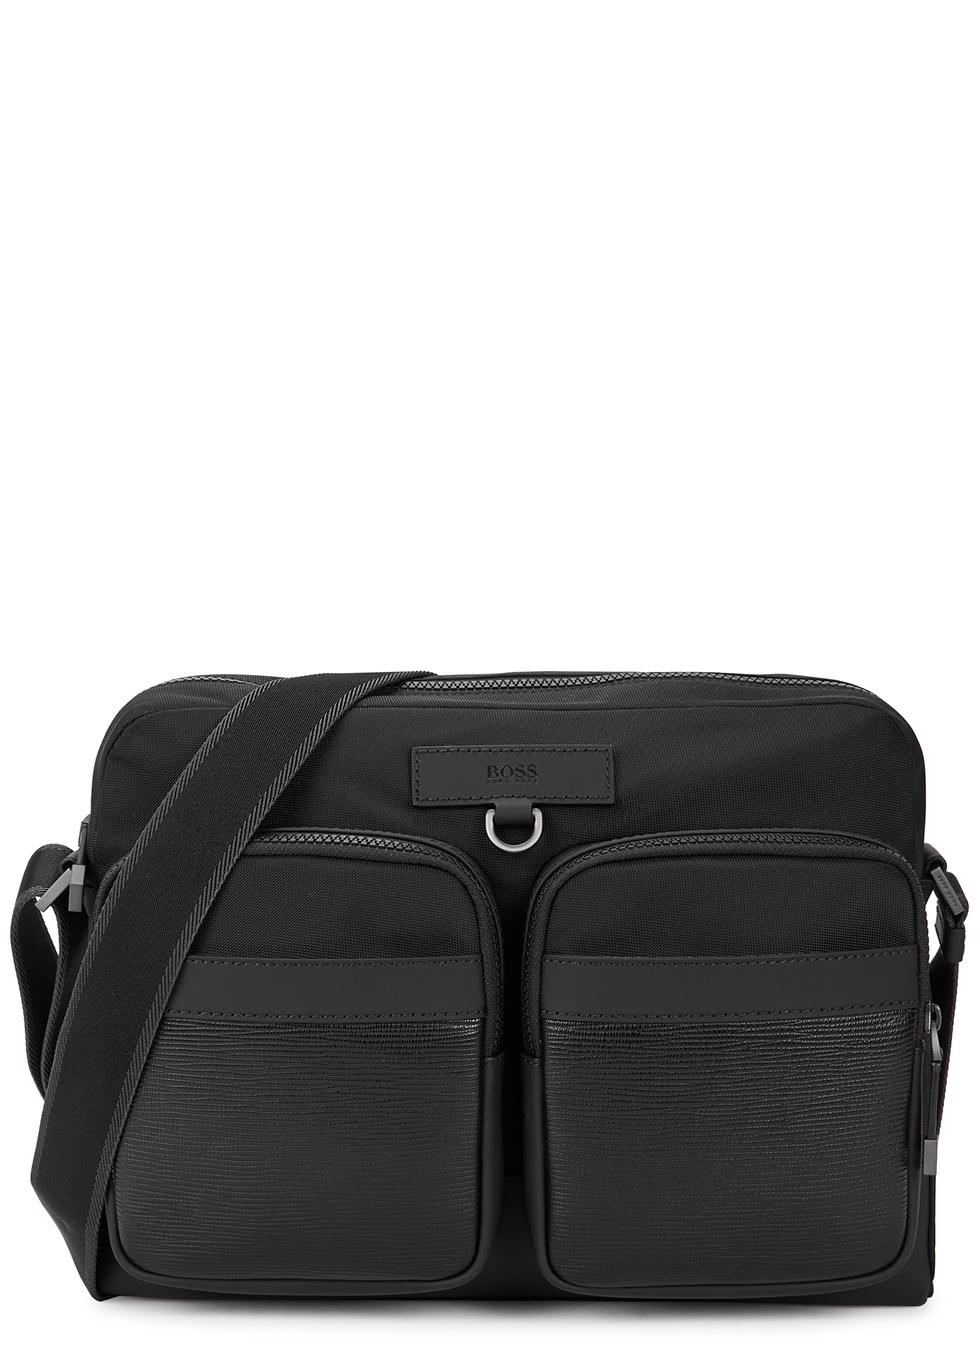 Trucker black nylon cross-body bag